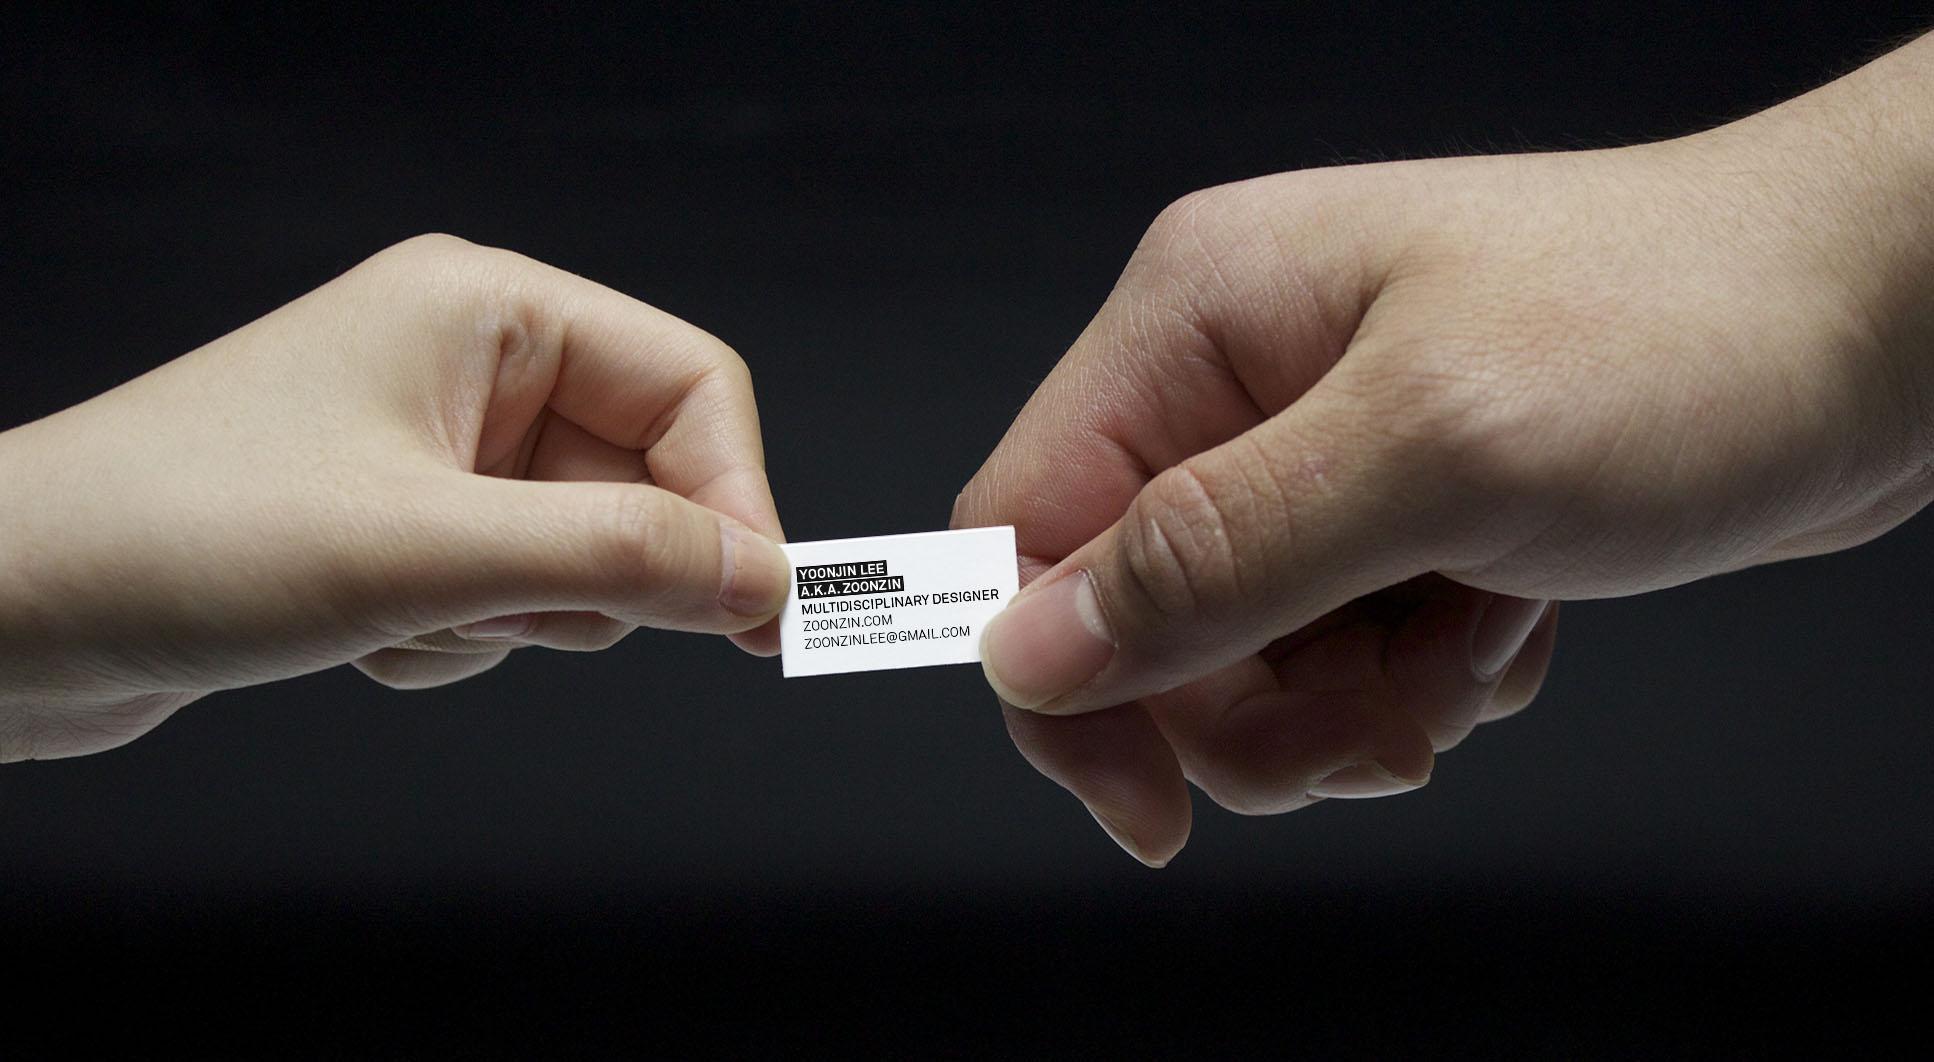 handingbusinesscard2.jpg